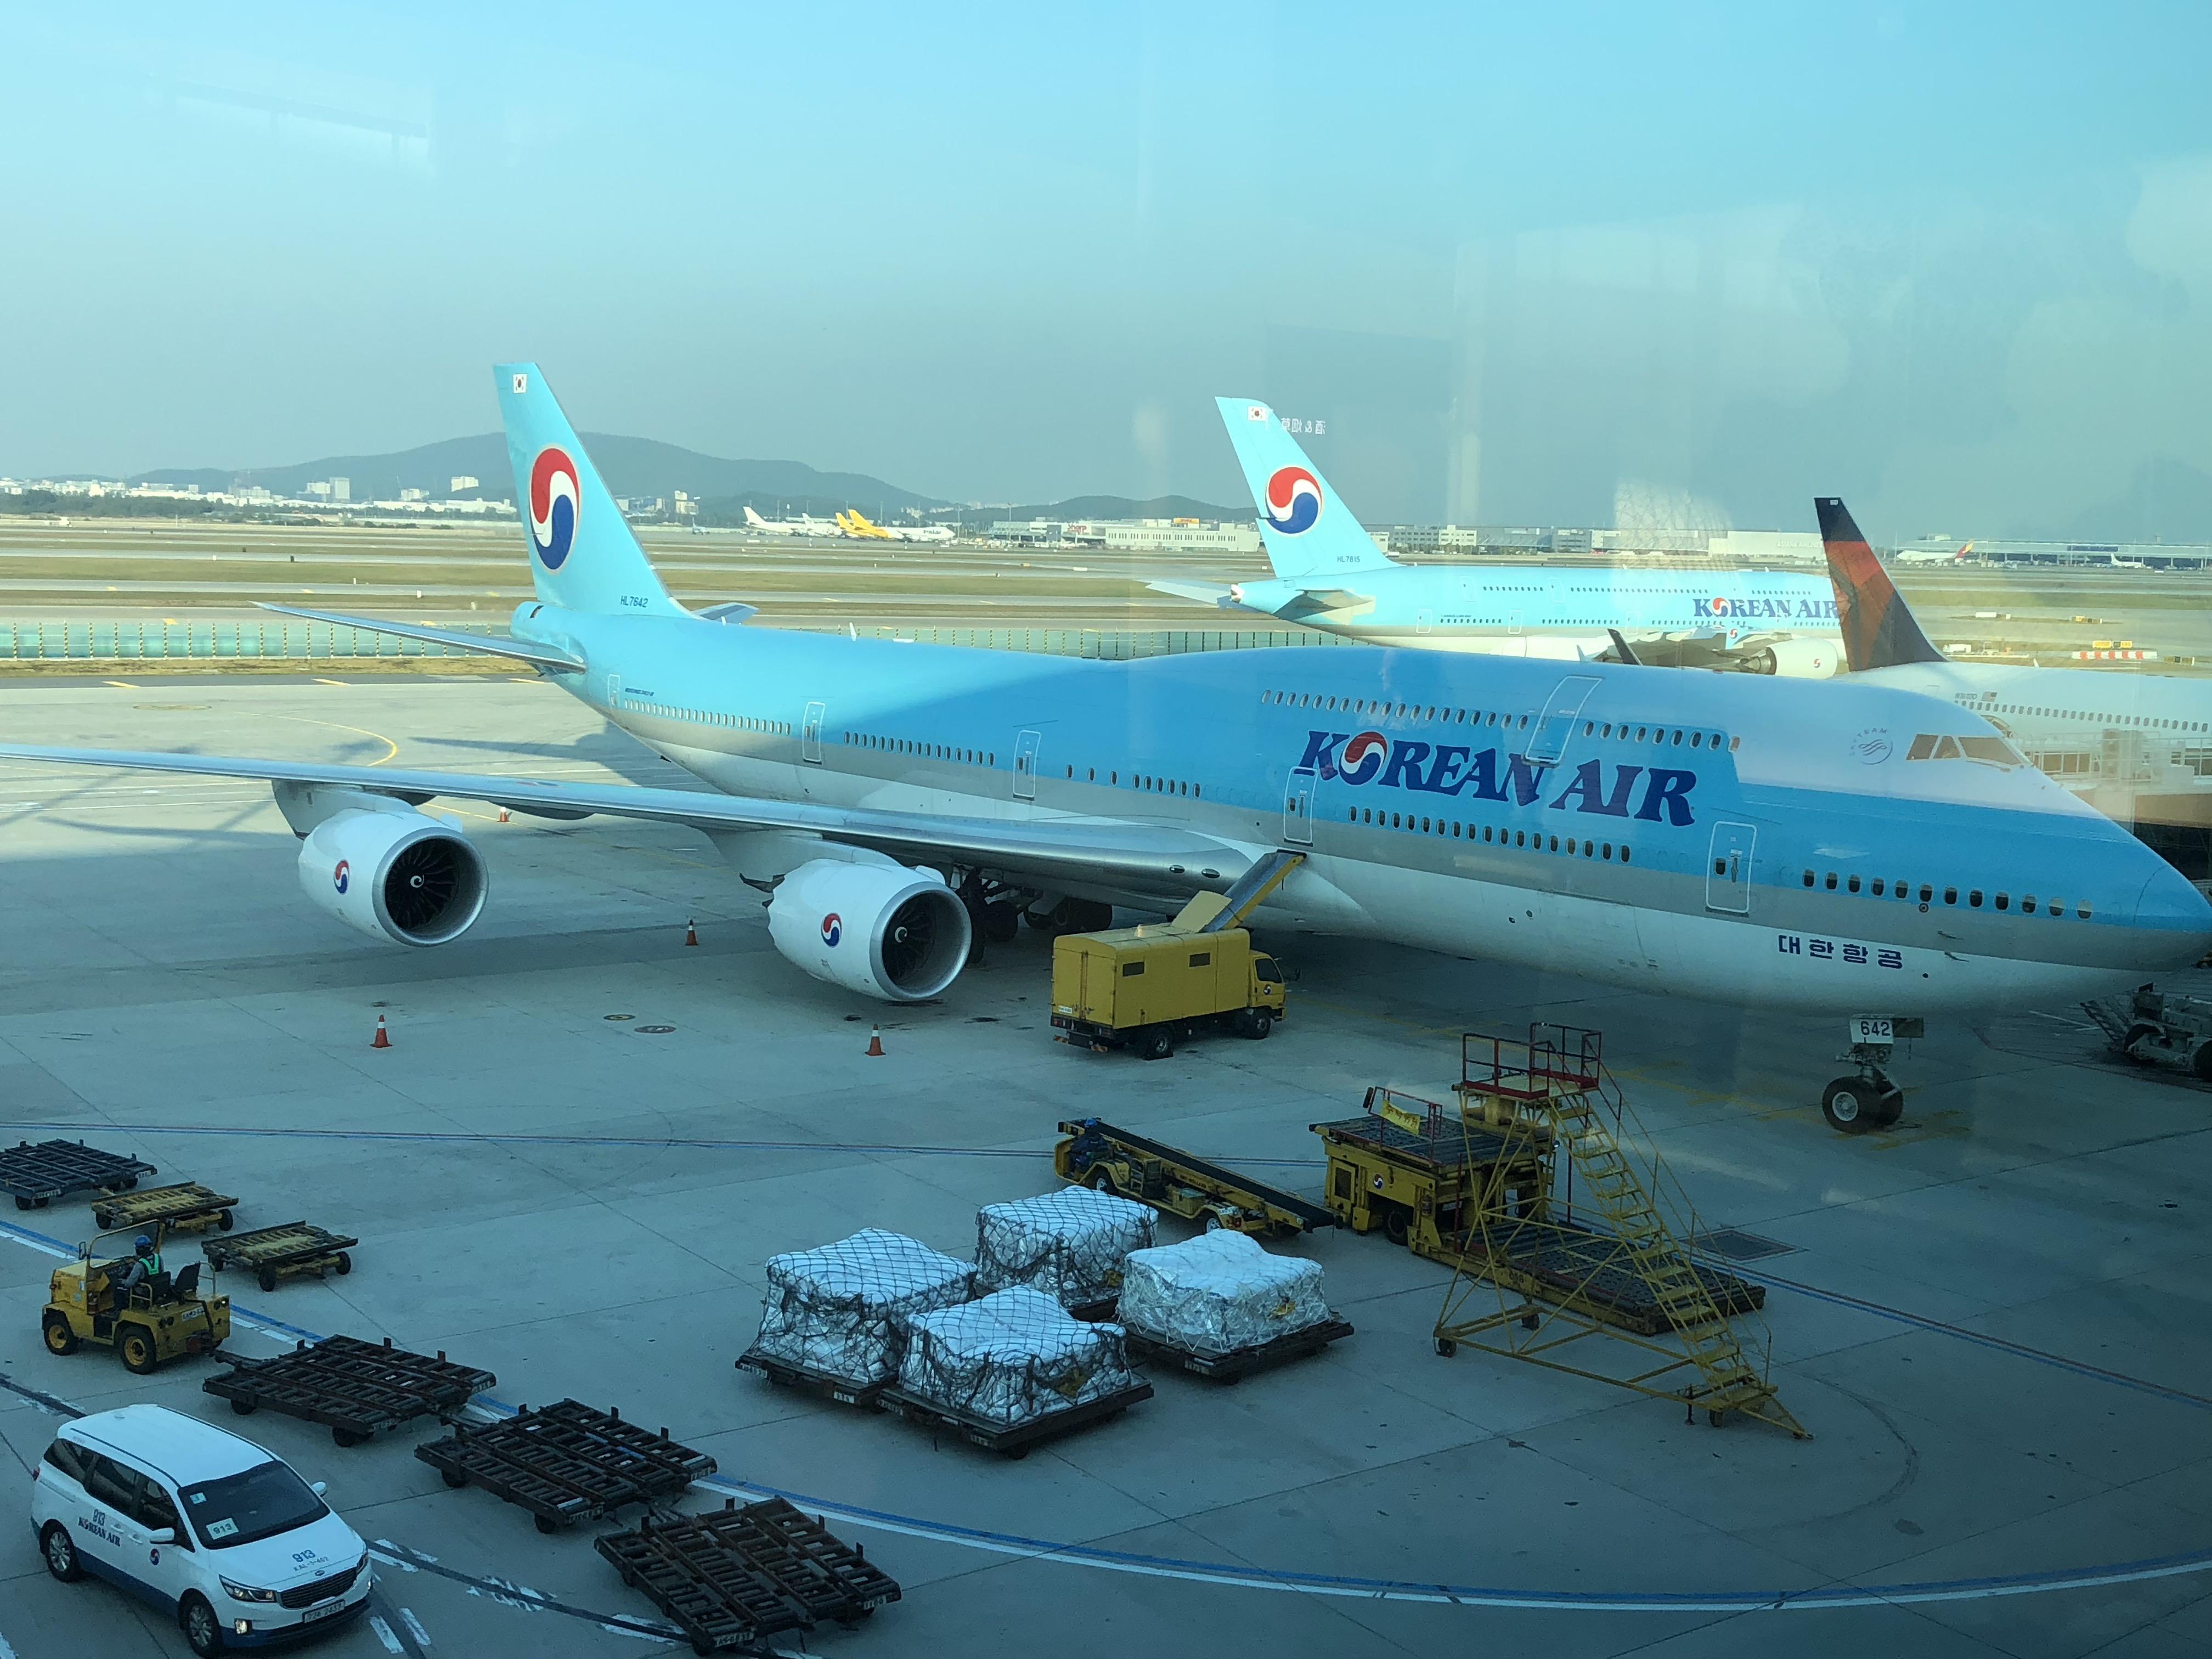 A Korean Air Boeing 747-8